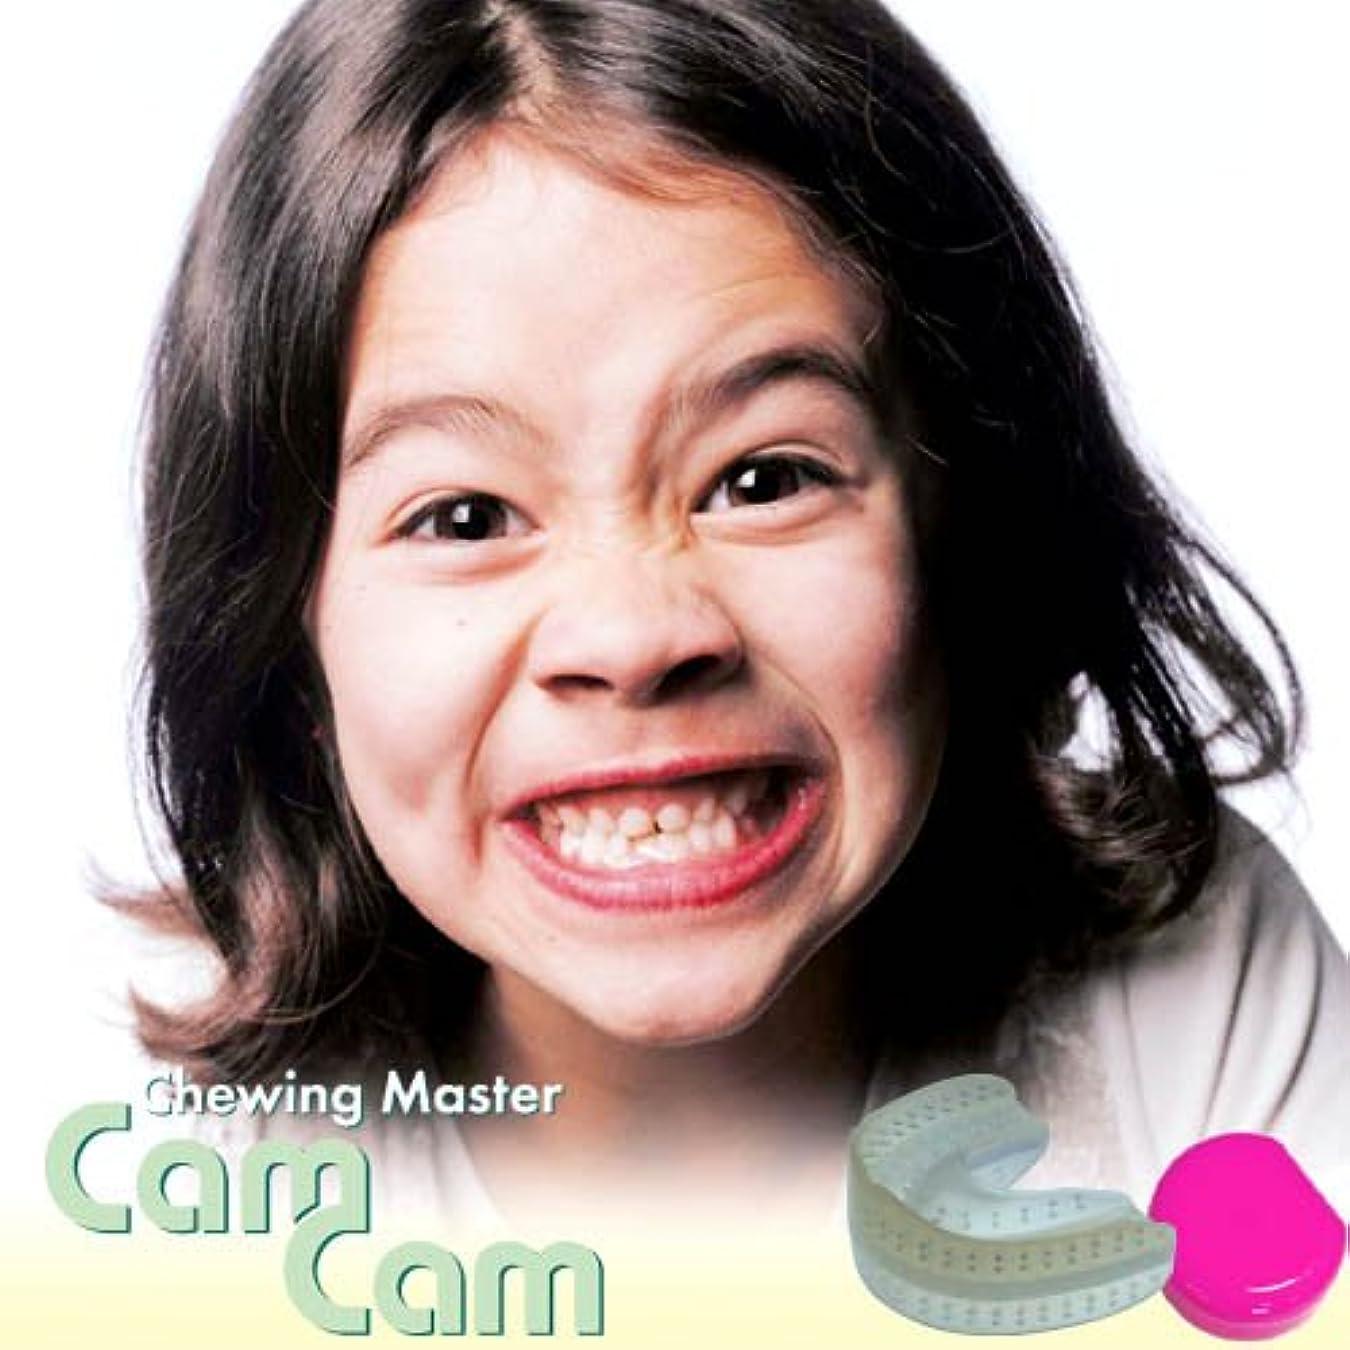 歯科医師開発 口腔筋機能トレーニング マウスピース 【CamCam MD (ピンク)】混合歯列期から永久歯列期用